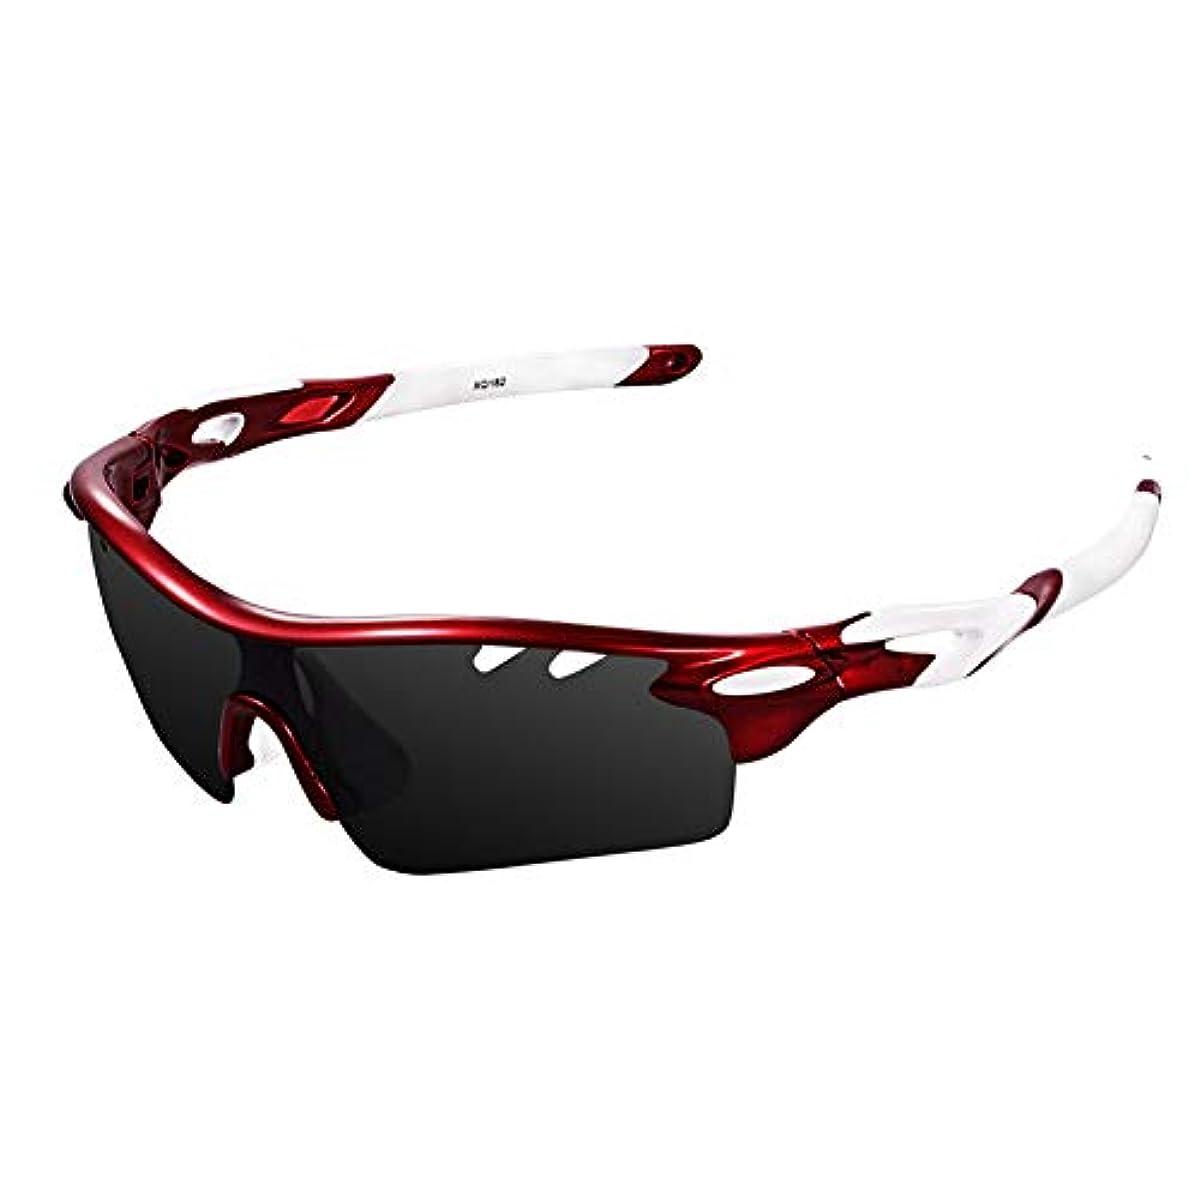 [해외] EWIN 스포츠 썬글라스 편광 렌즈 UV400컷 교환 렌즈3 매경량 유니 자외선 방지 등산 골프 낚시 야구 런닝 렌즈 교환 가능 편광 썬글라스 세트